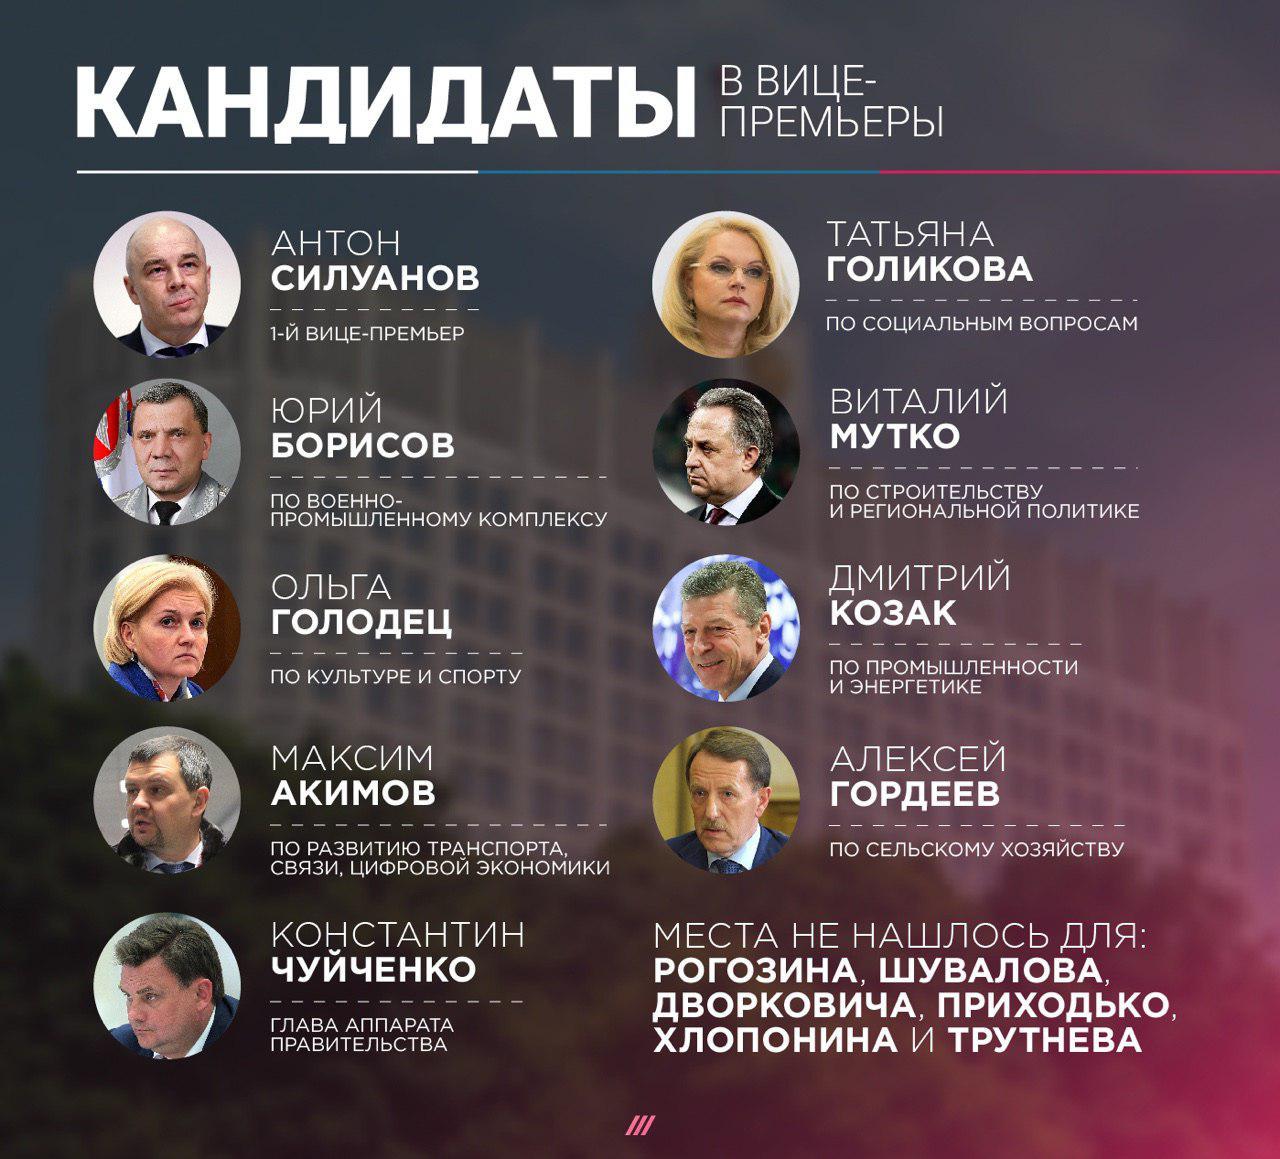 Михаил Хазин. Комментарий к предложениям Медведева по составу нового правительства